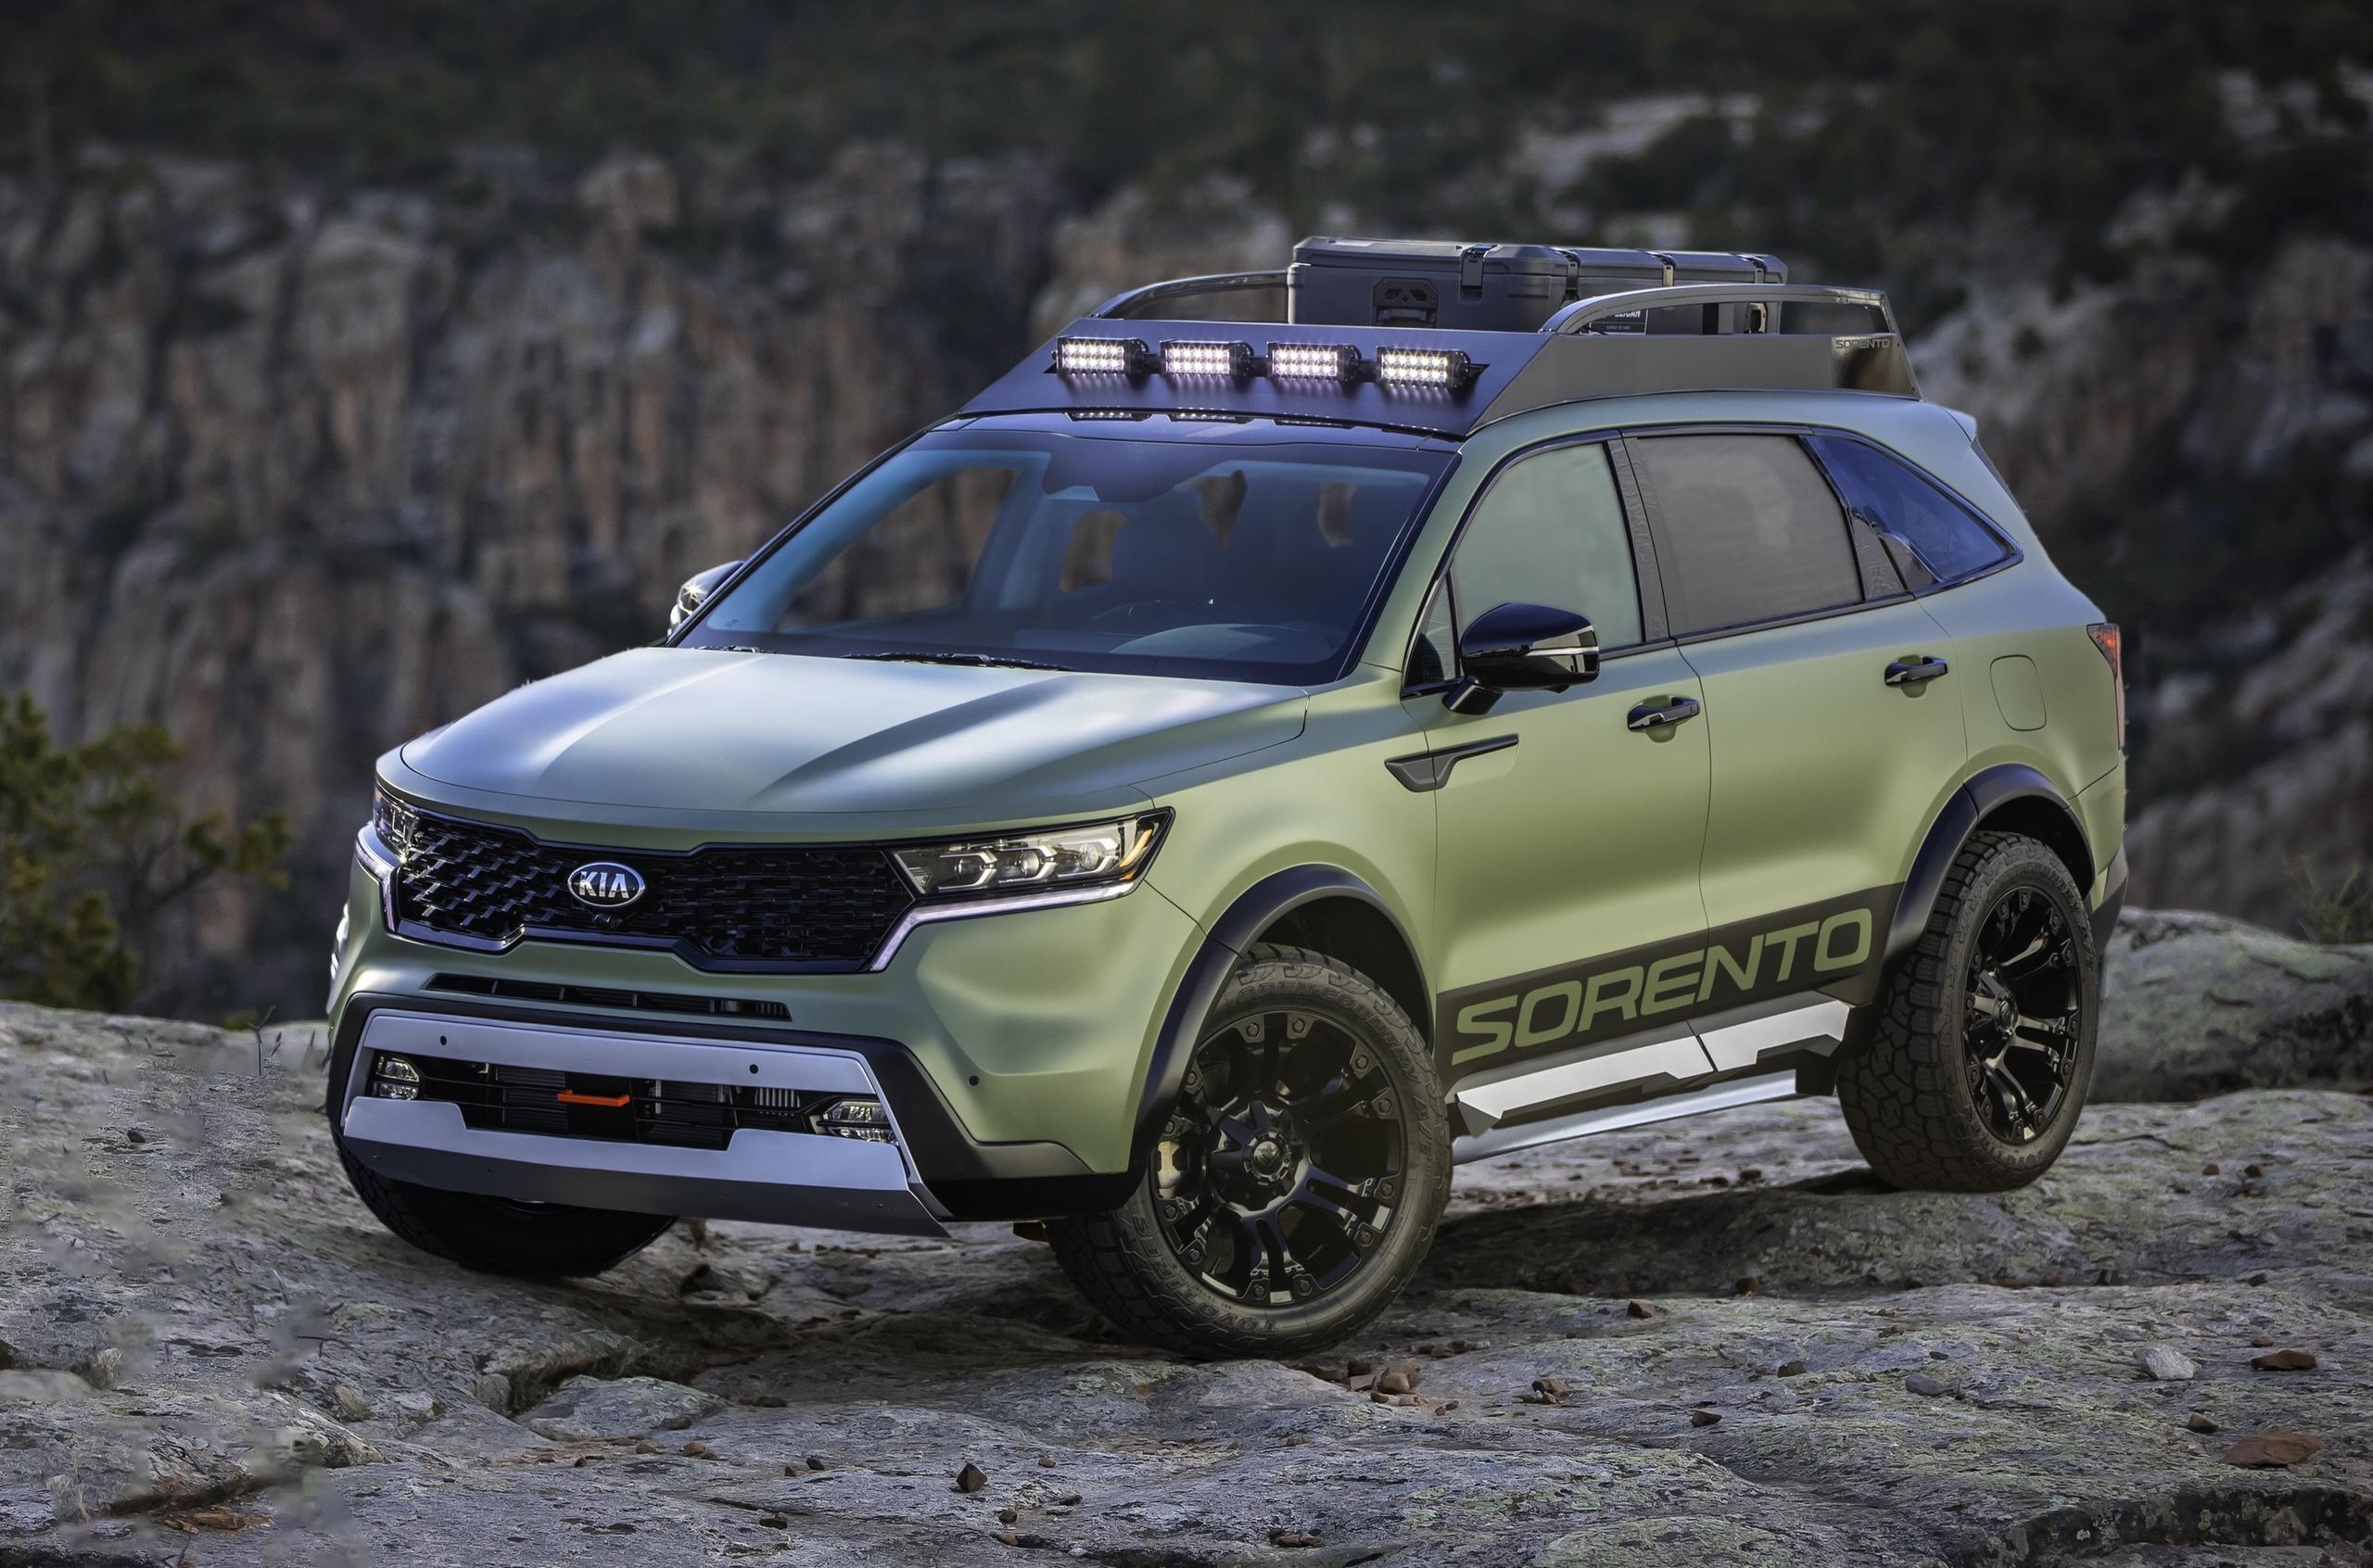 Kia представила два внедорожных варианта нового Sorento